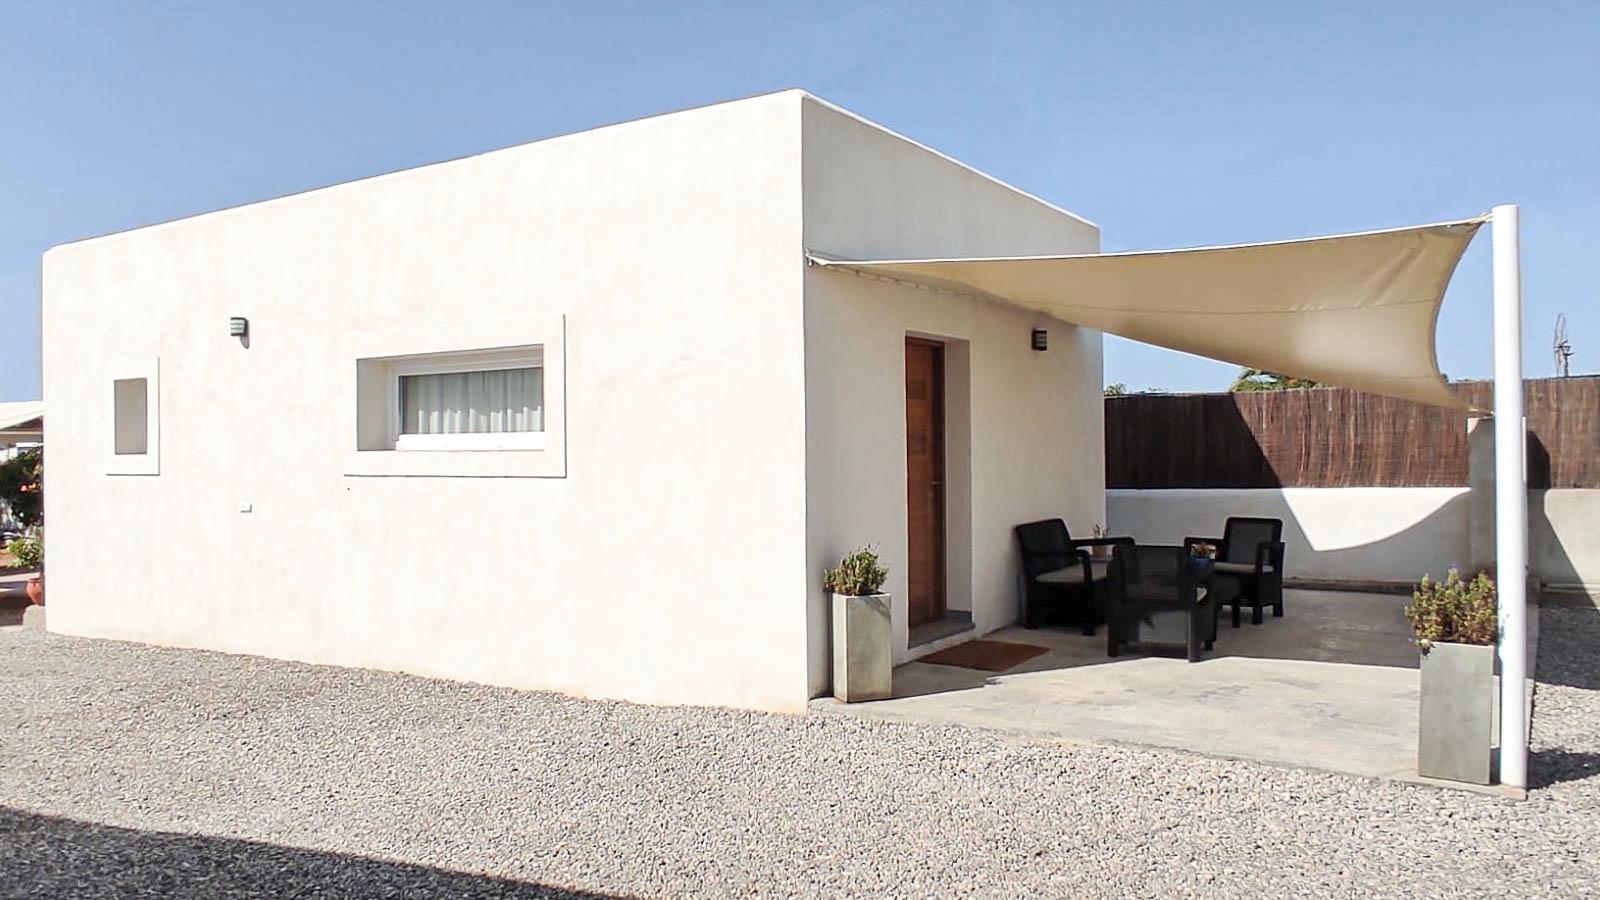 Vivienda mínima en Ibiza. Vista exterior